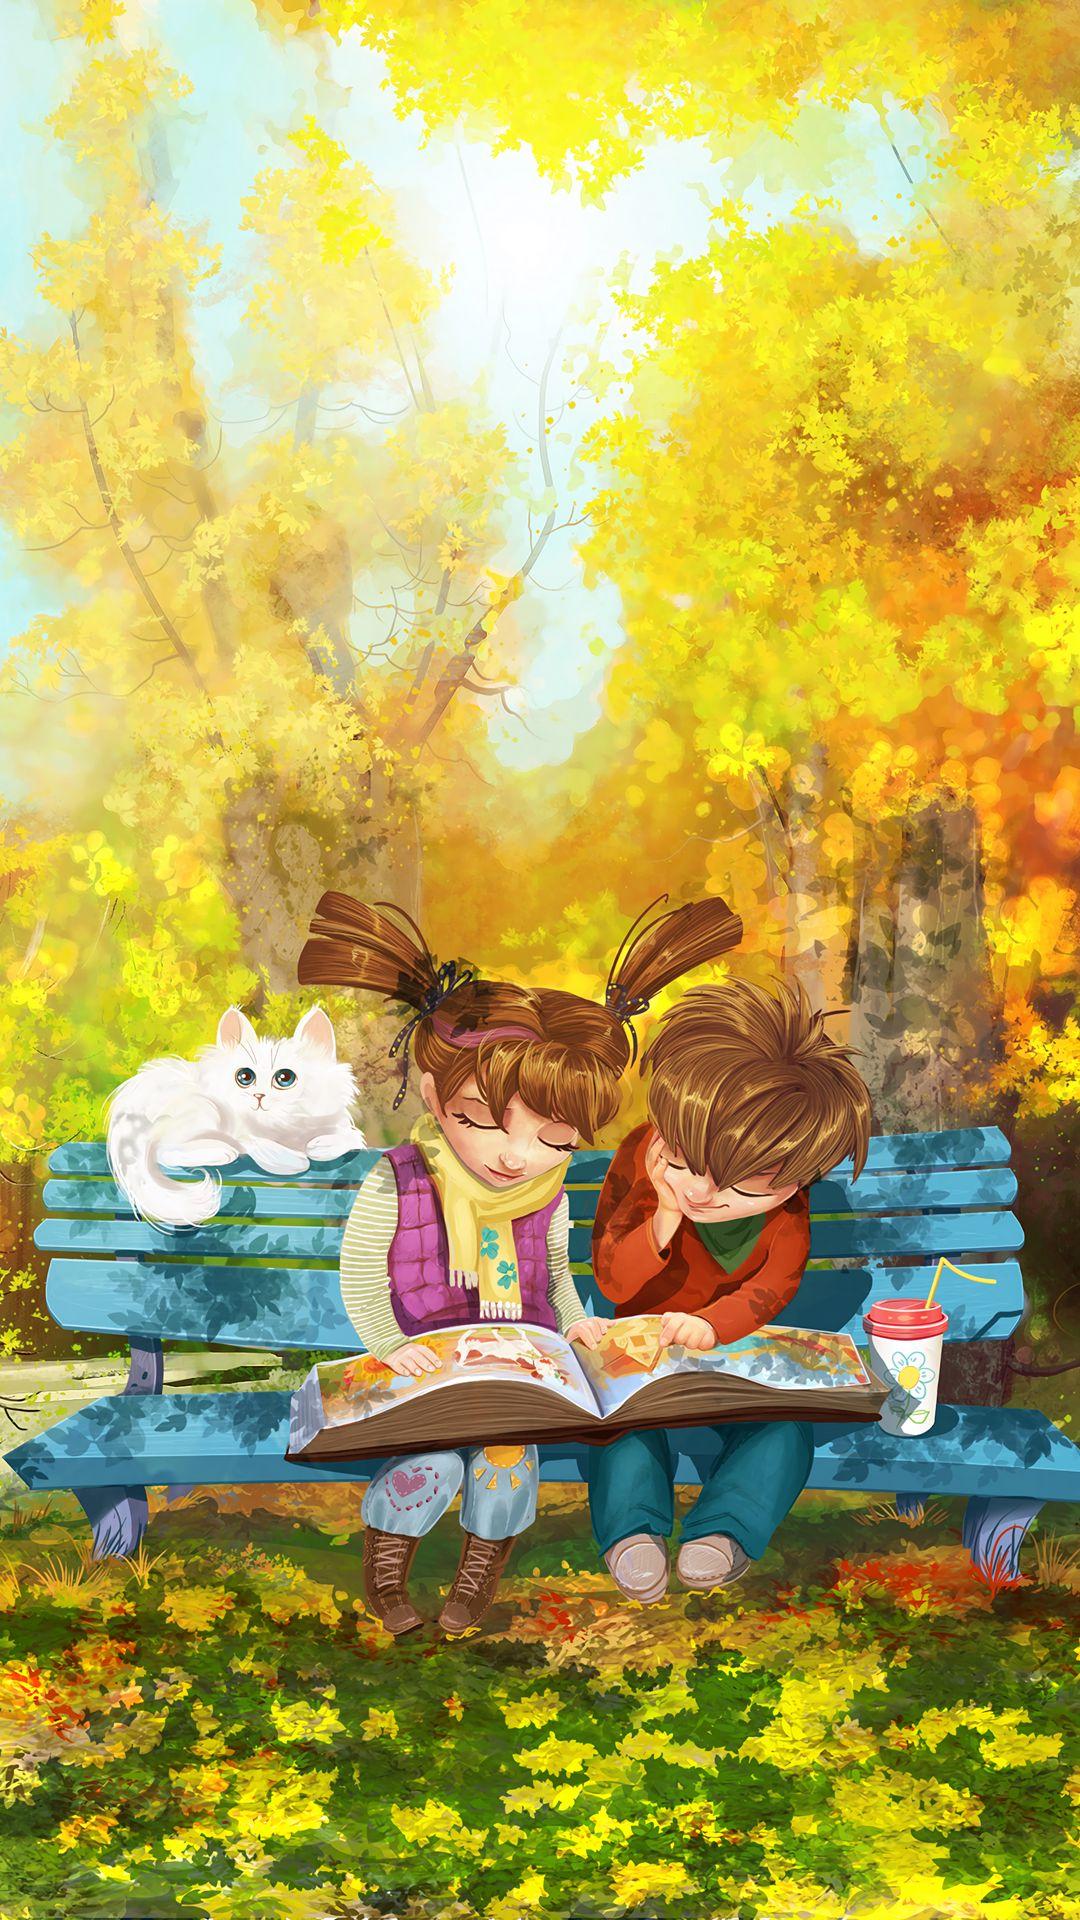 1080x1920 Wallpaper boy, girl, cat, bench, park, cute